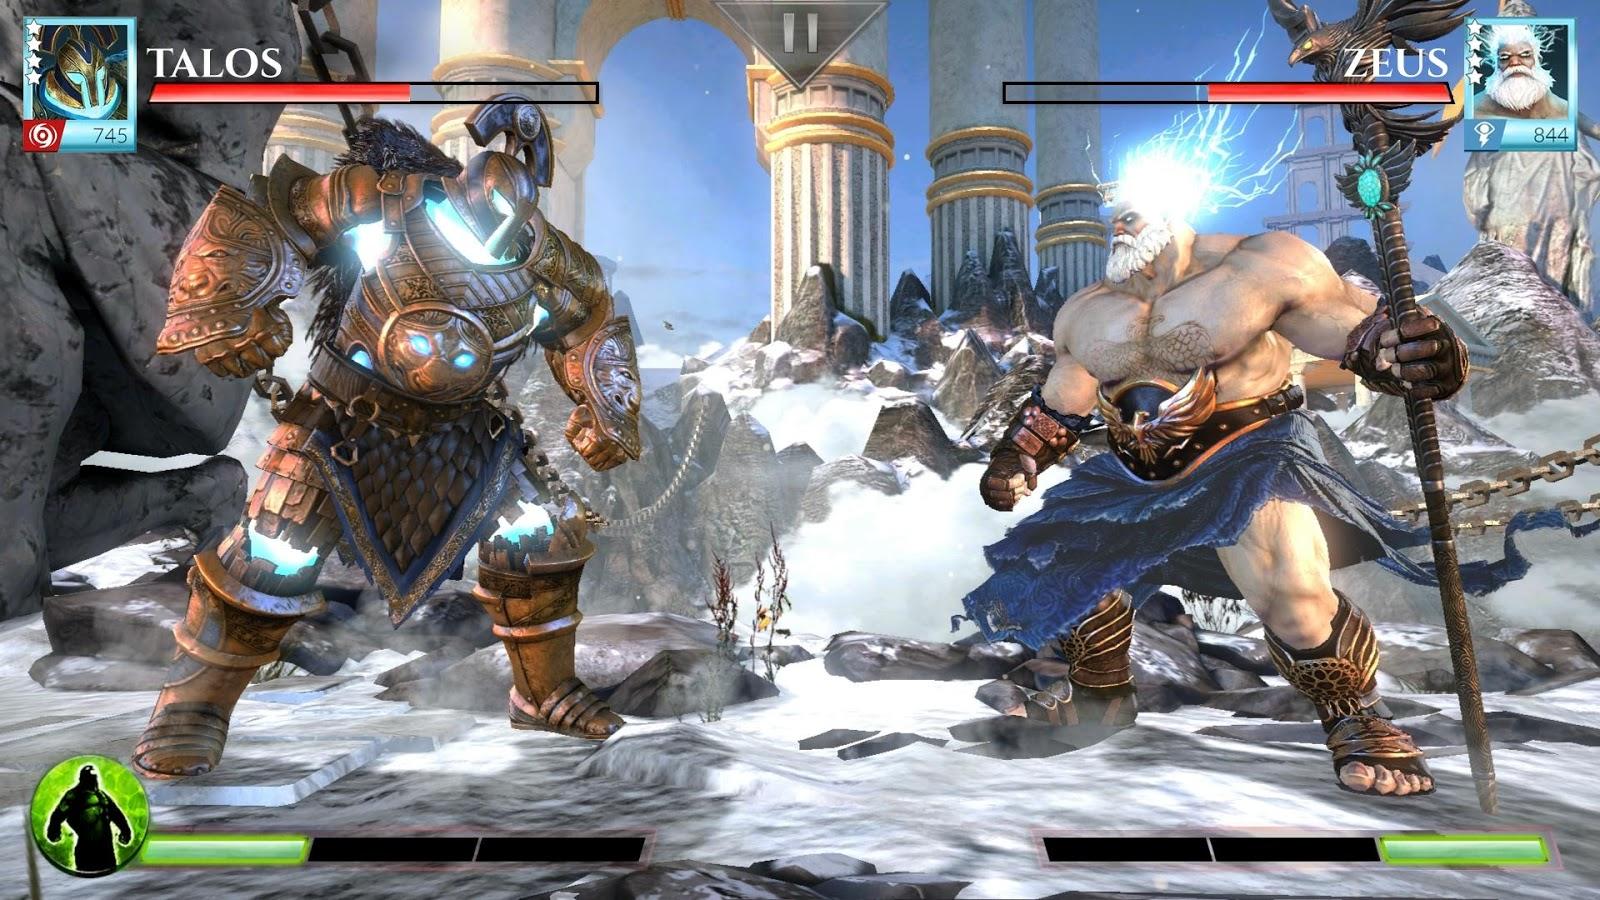 Los mejores juegos gratis - Gods of Rome